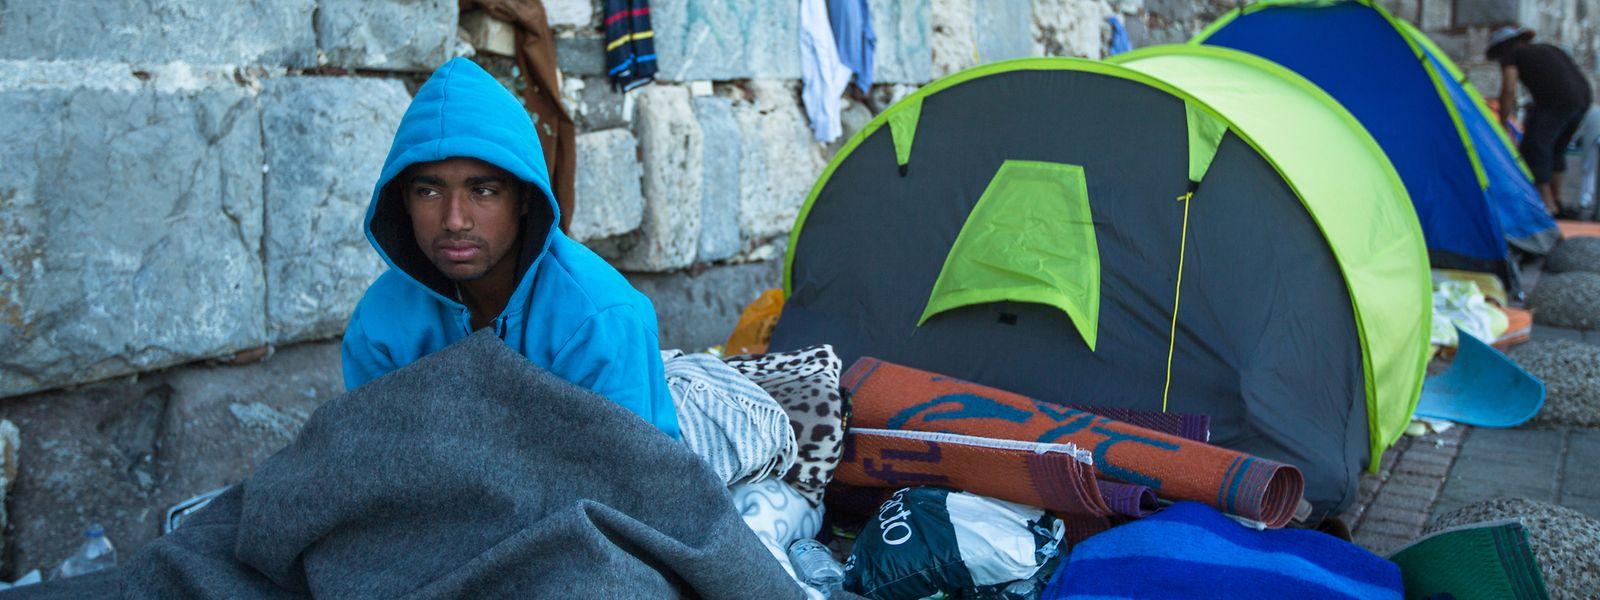 Flüchtlinge haben meistens eine Odyssee und Aufenthalte in Lagern - wie hier in Kos - hinter sich.